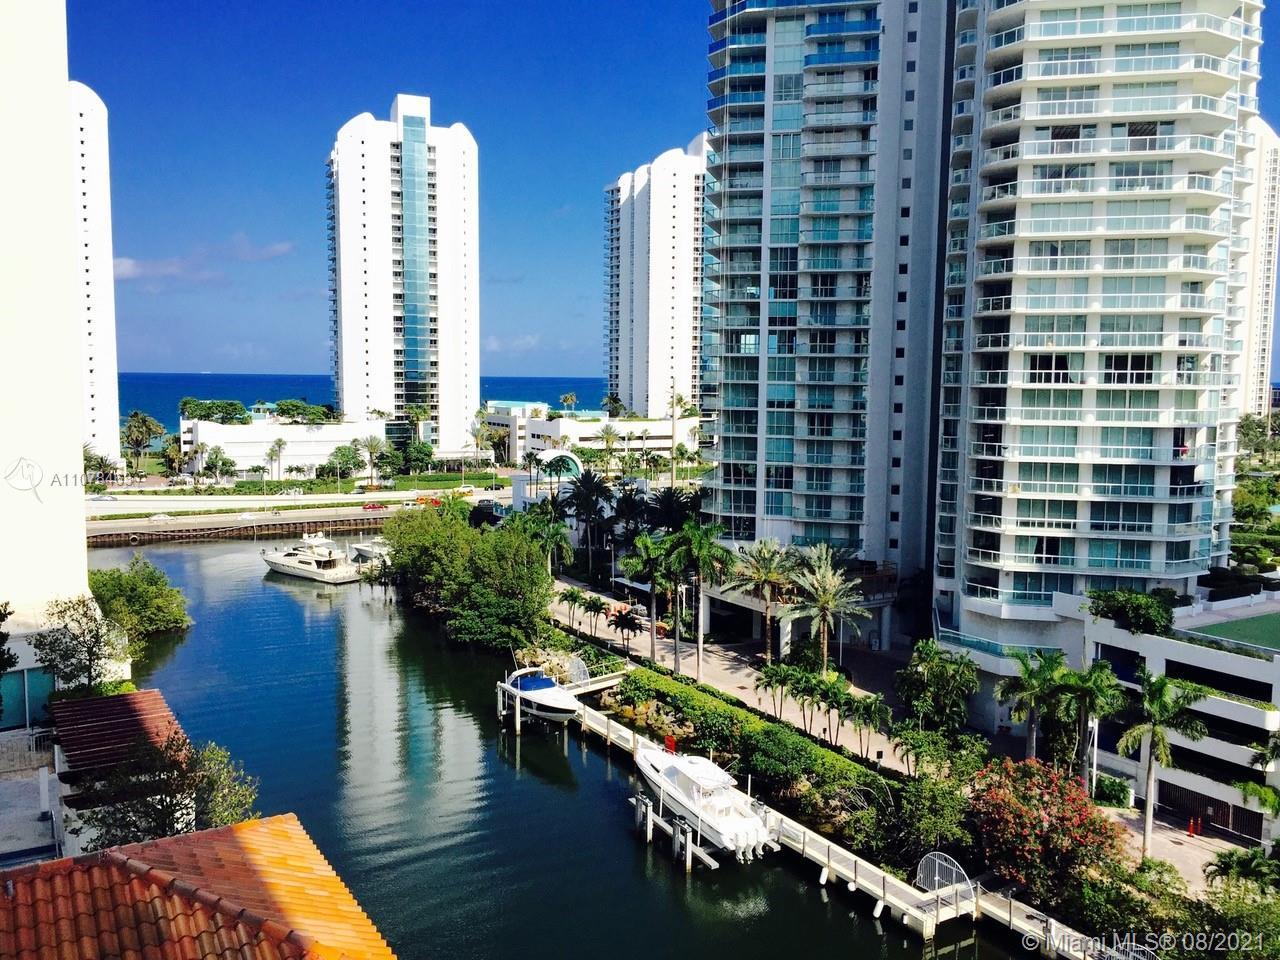 St Tropez III #3-905 - 250 Sunny Isles Blvd #3-905, Sunny Isles Beach, FL 33160